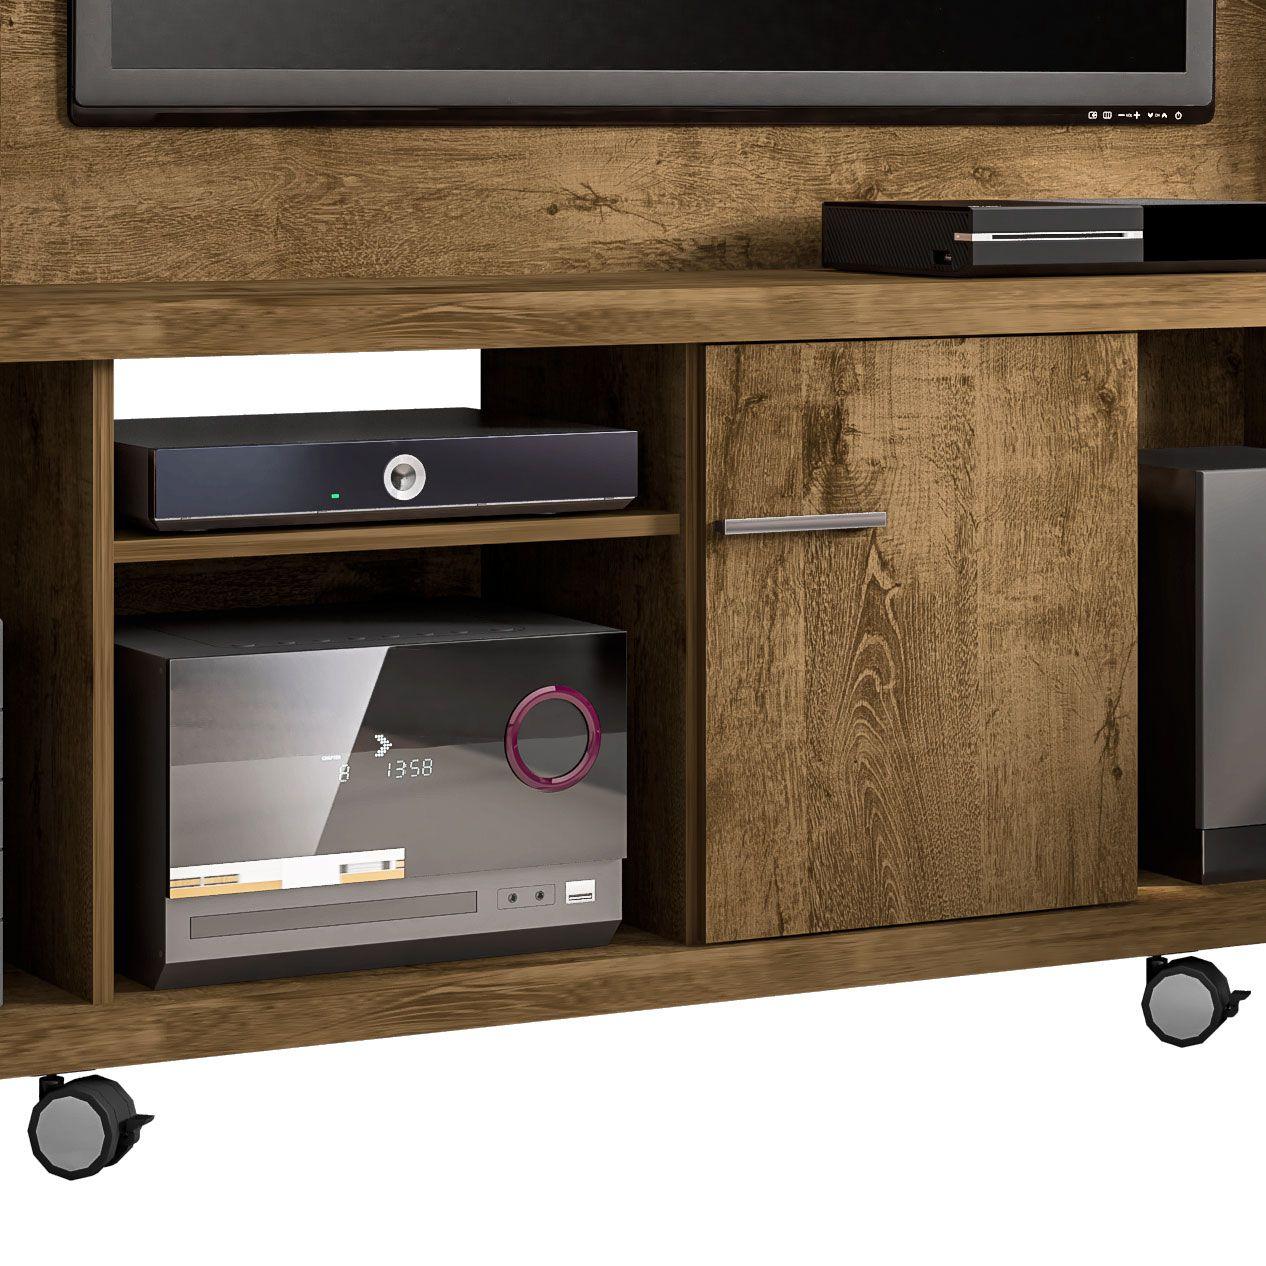 Estante Home para Tv ate 47 polegadas Taurus Madeira Rustica - Moveis Bechara